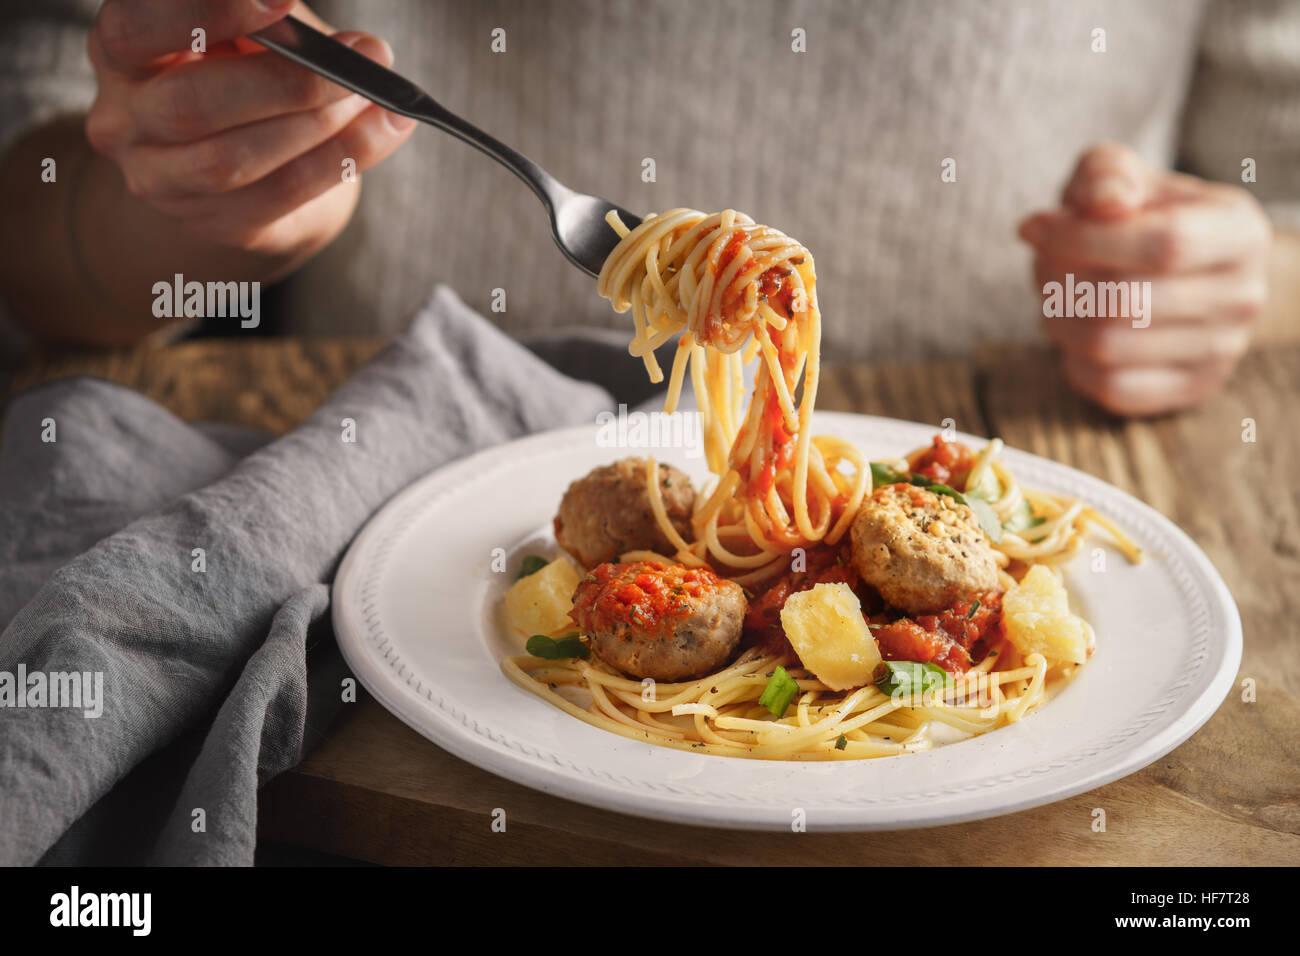 Woman eating spaghetti aux boulettes de viande et fromage l'horizontale Photo Stock